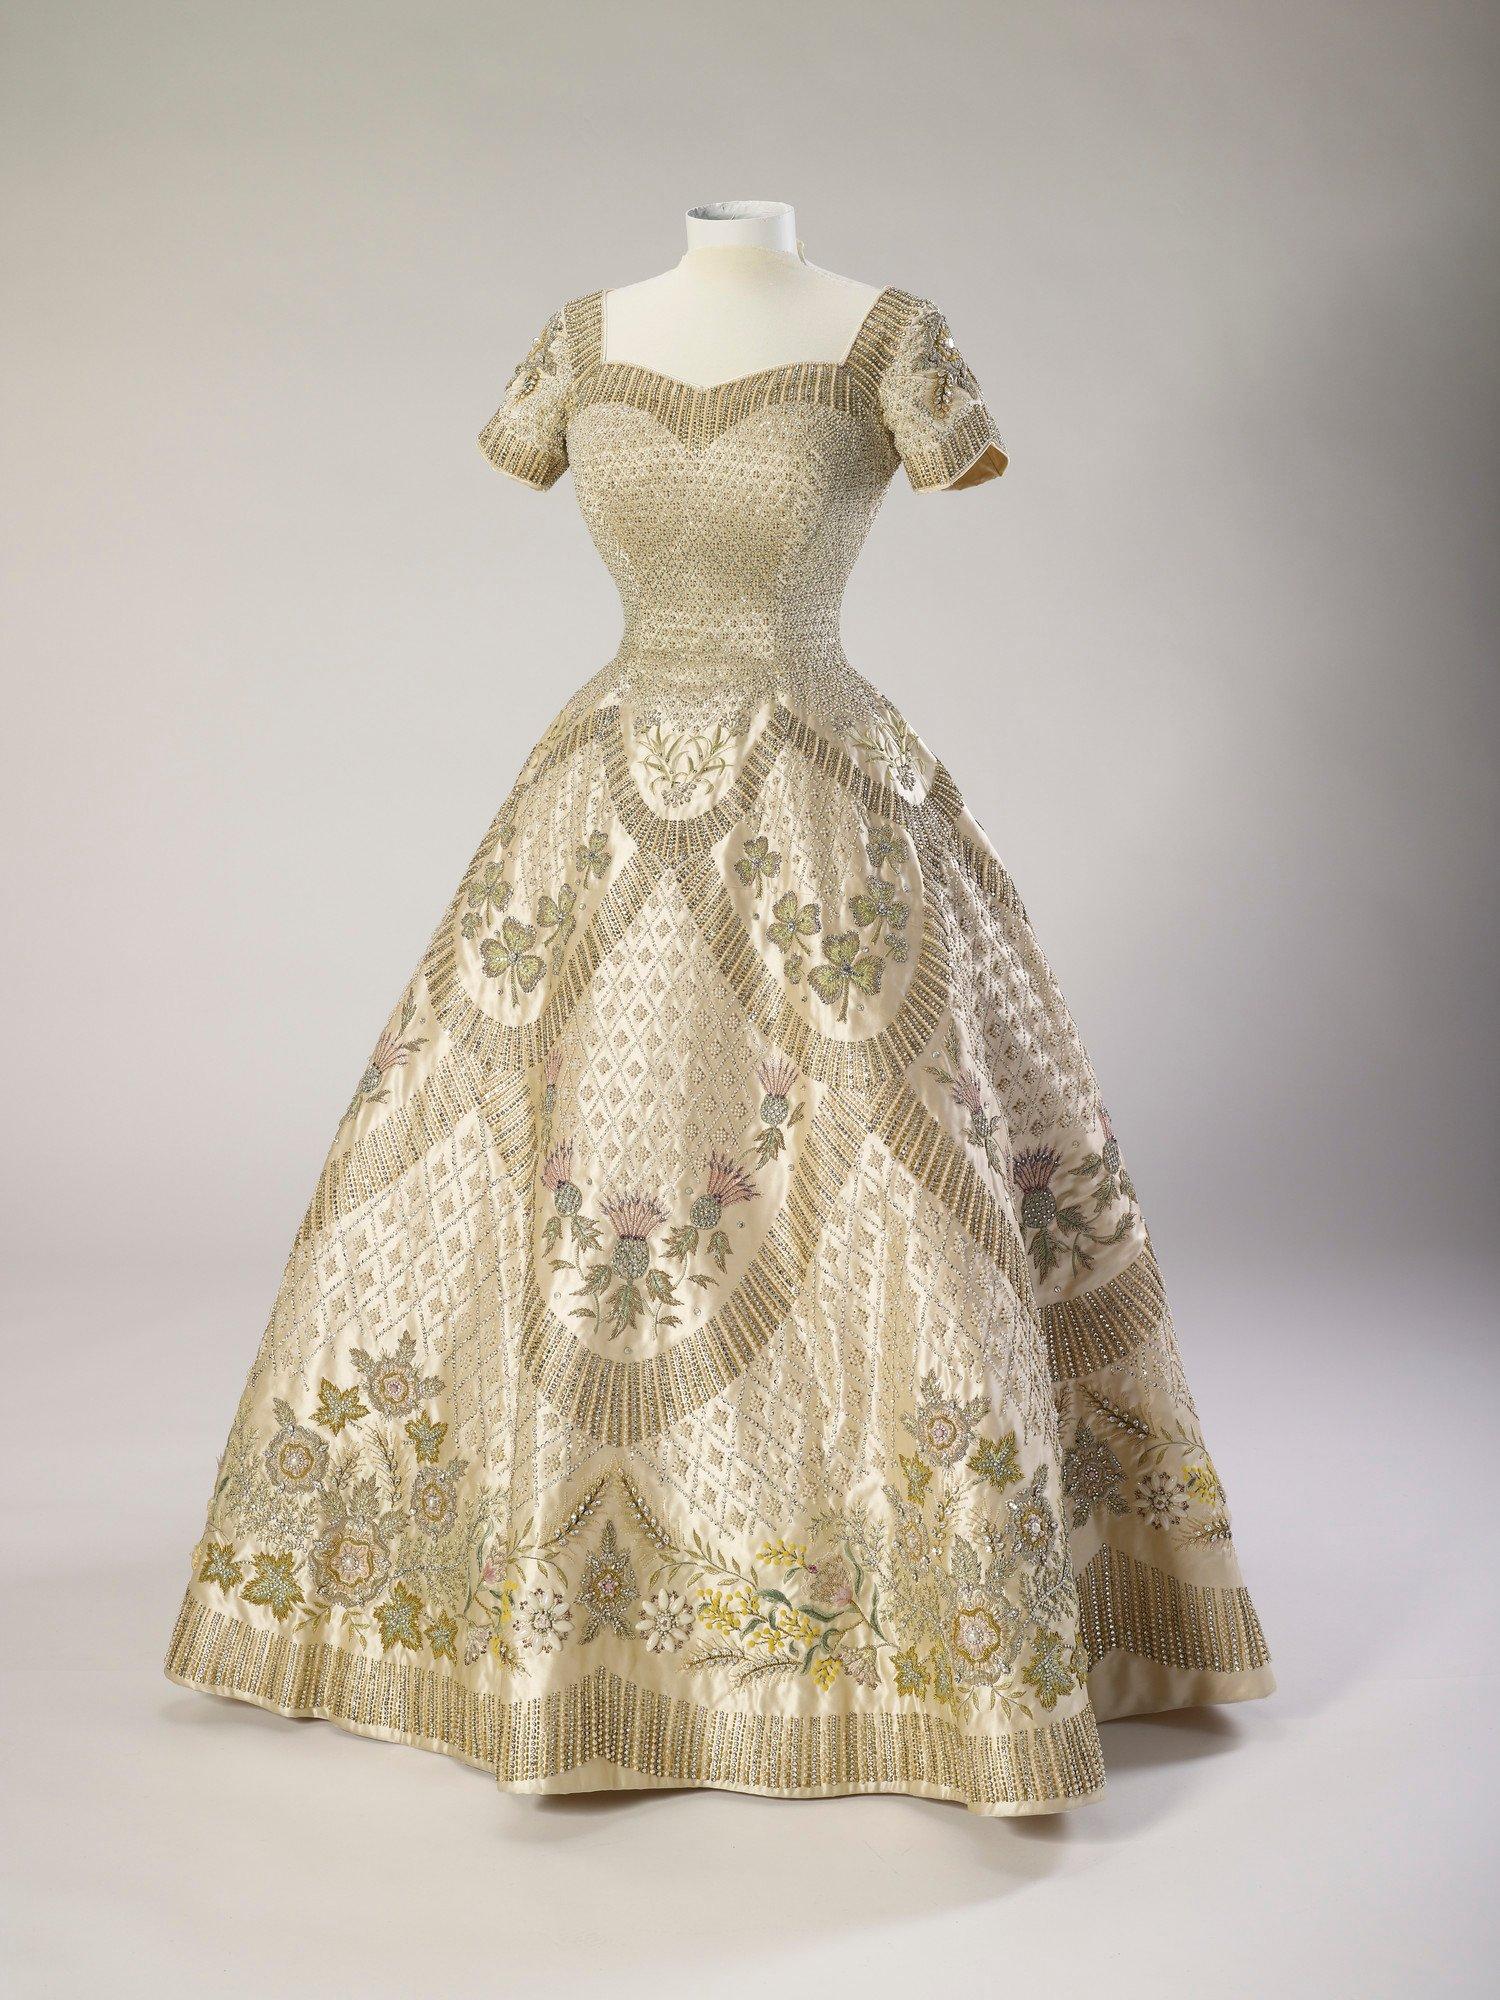 RCIN 250044 - Coronation dress